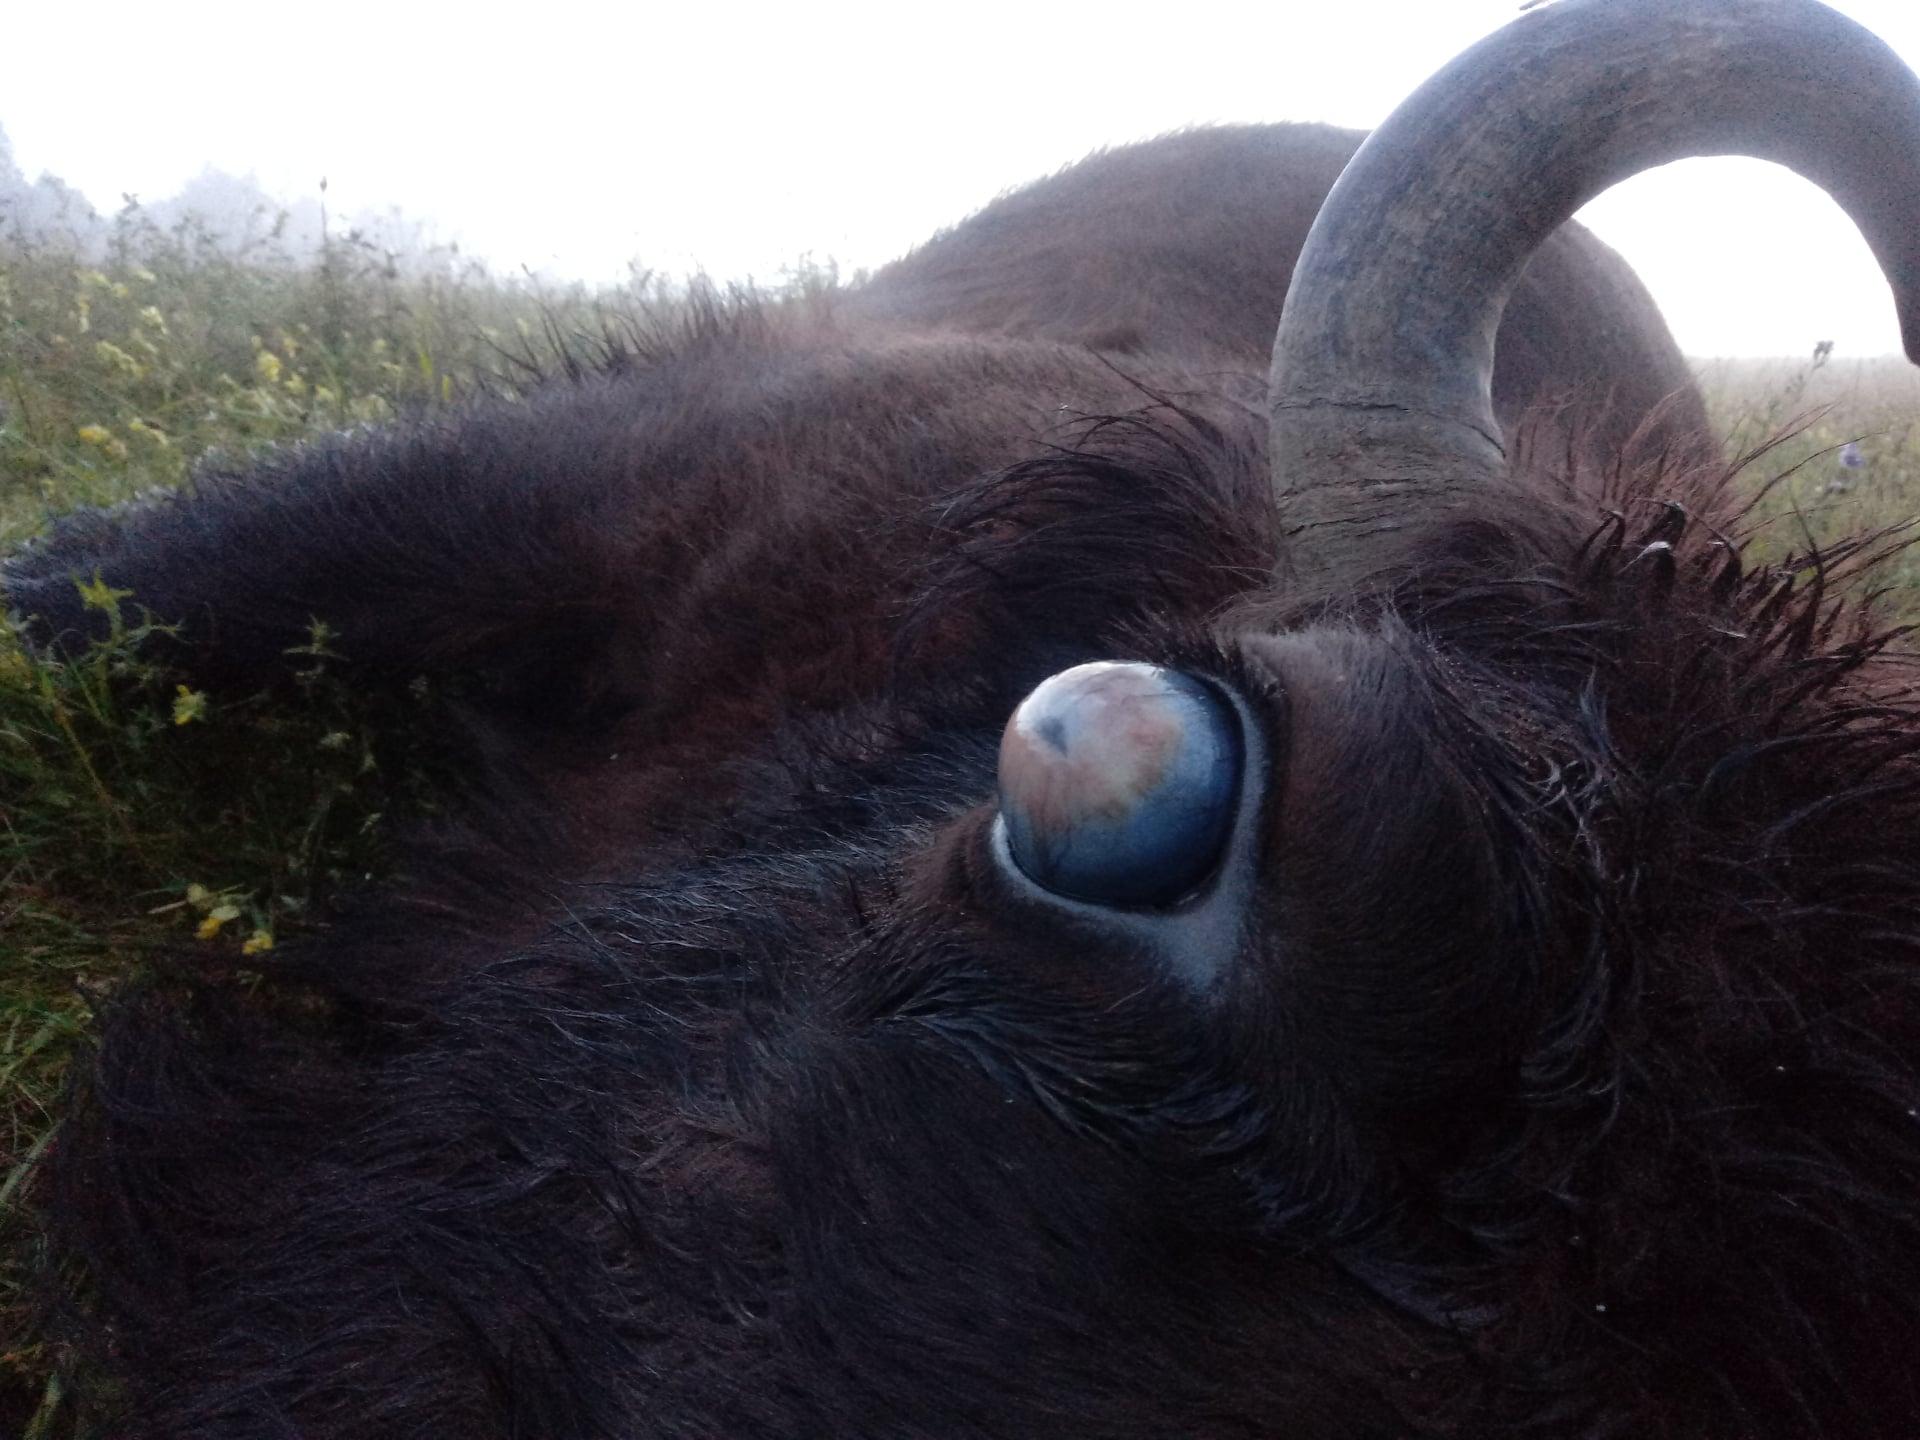 Żubry w Bieszczadach giną przez pasożyty [DRASTYCZNE ZDJĘCIA] - Zdjęcie główne